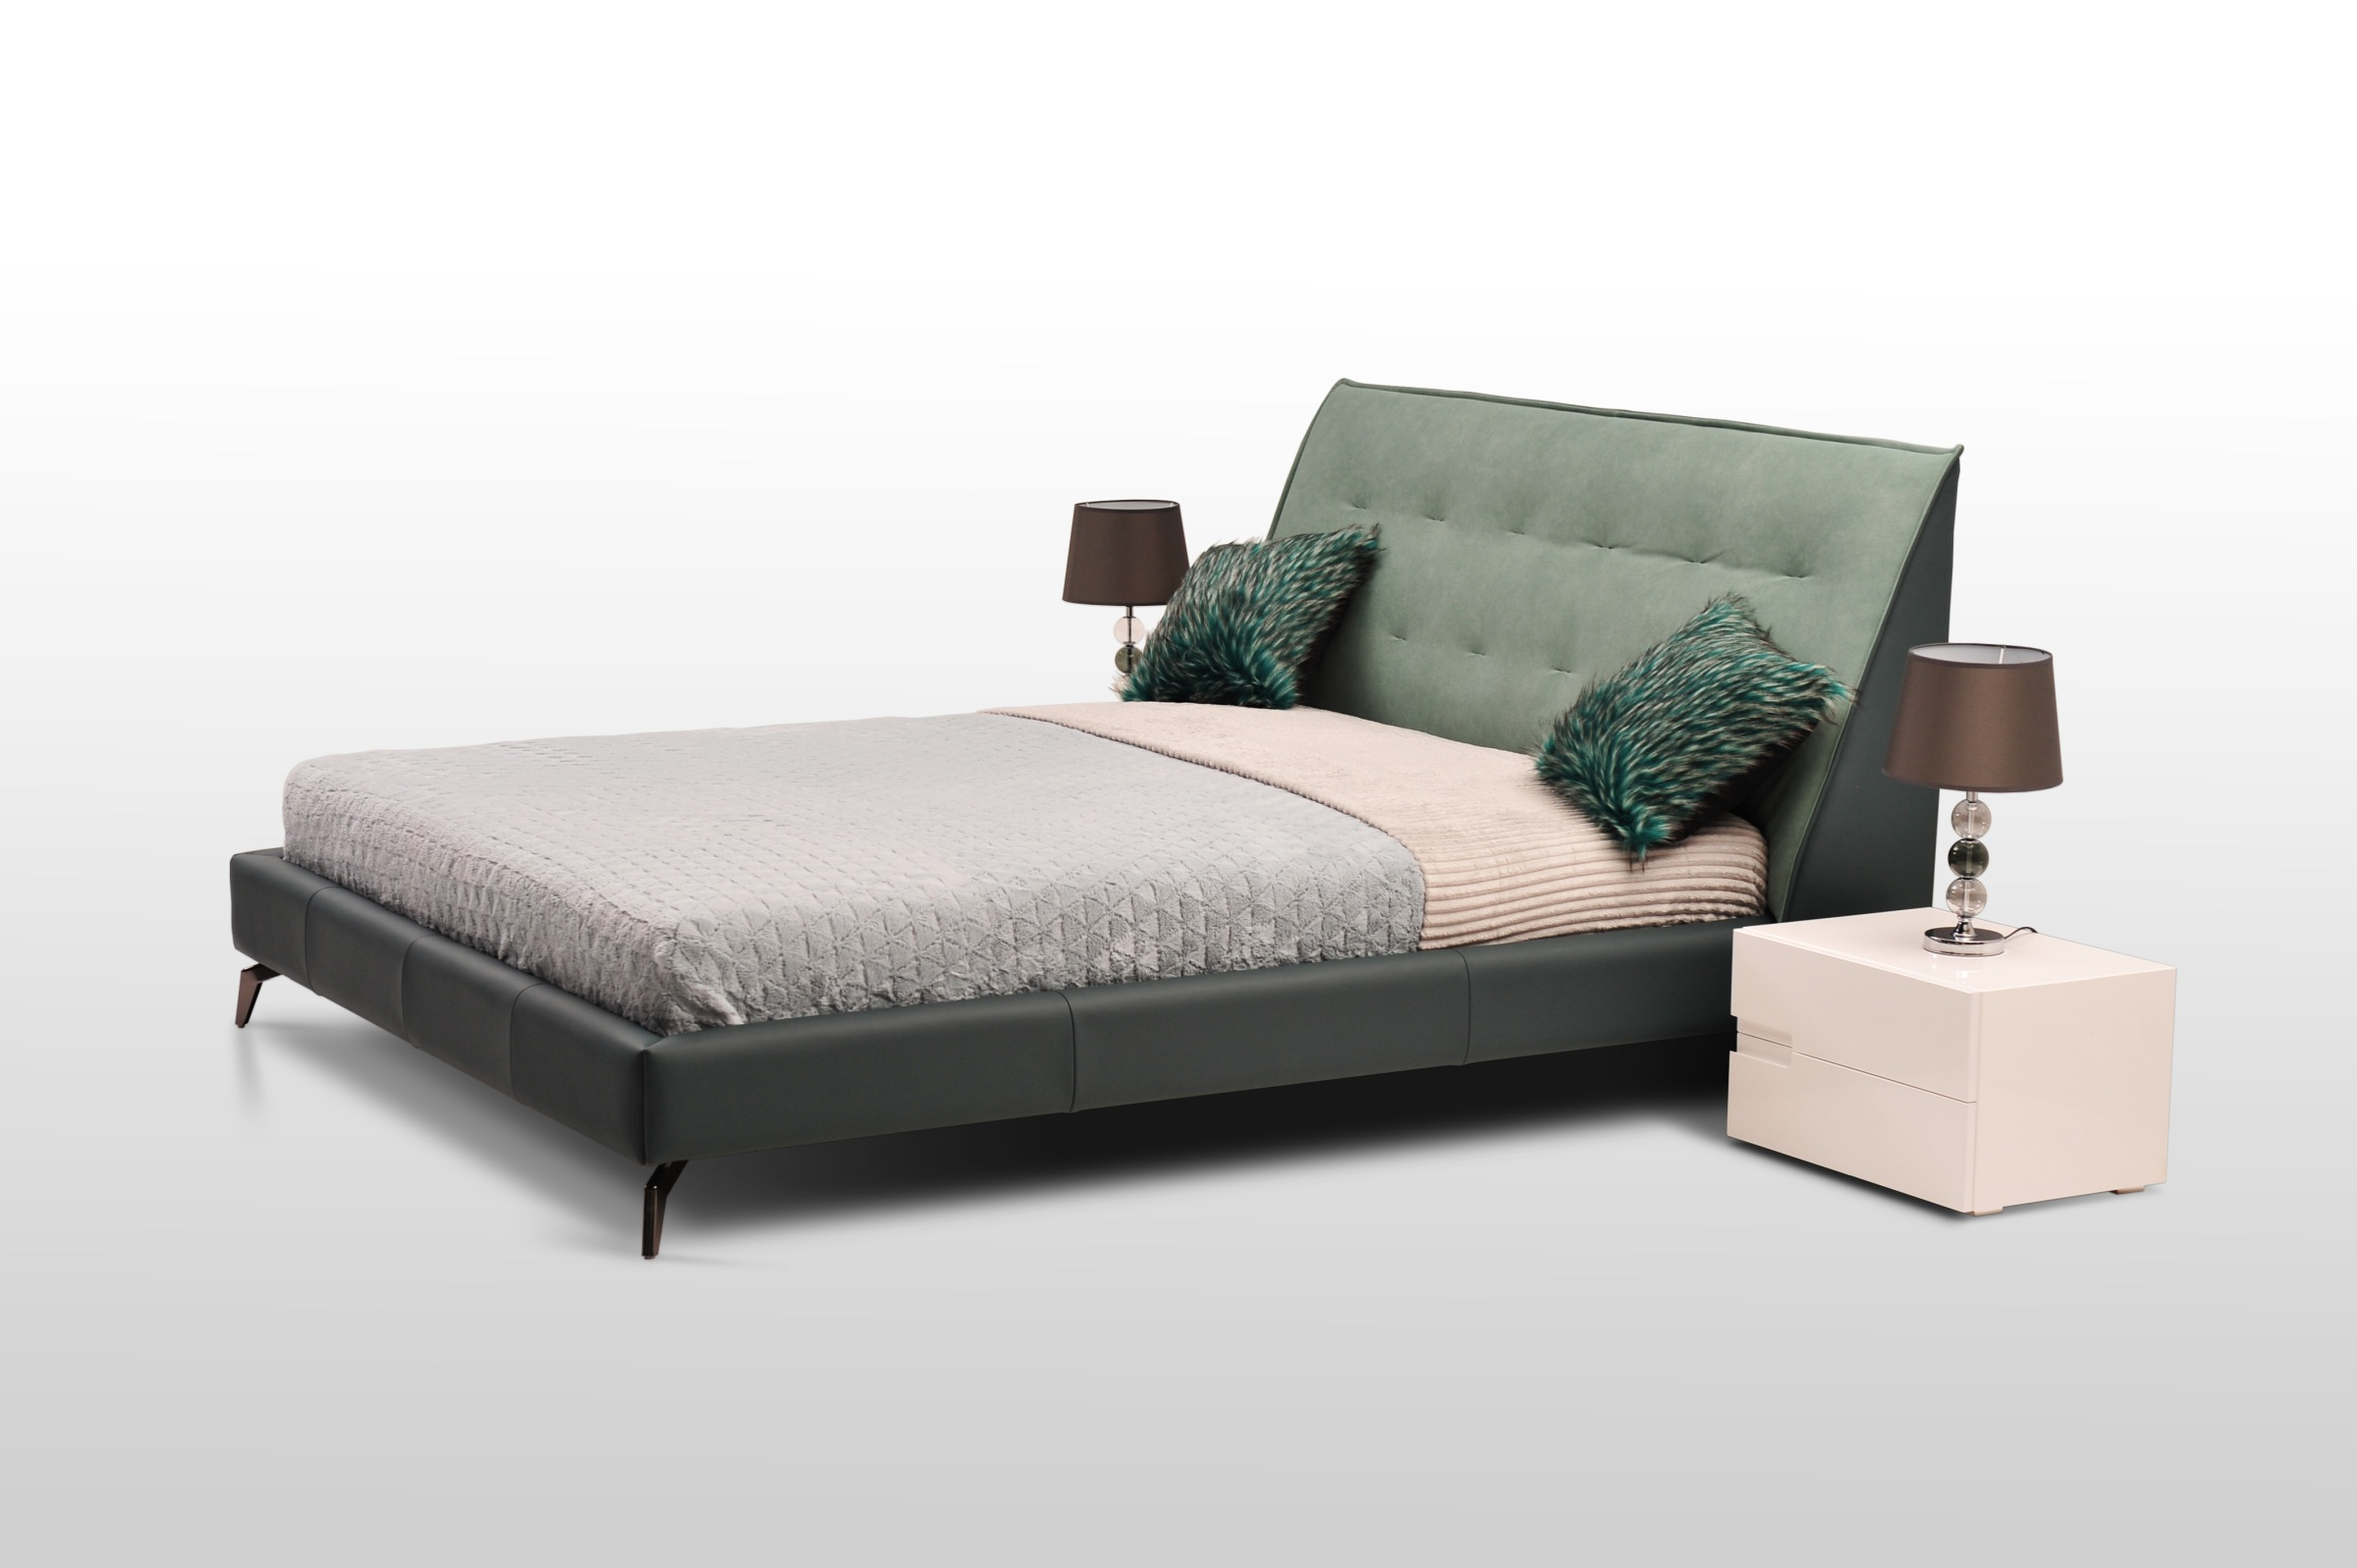 Nowoczesne łóżko nicole ii z wysokimi nogami